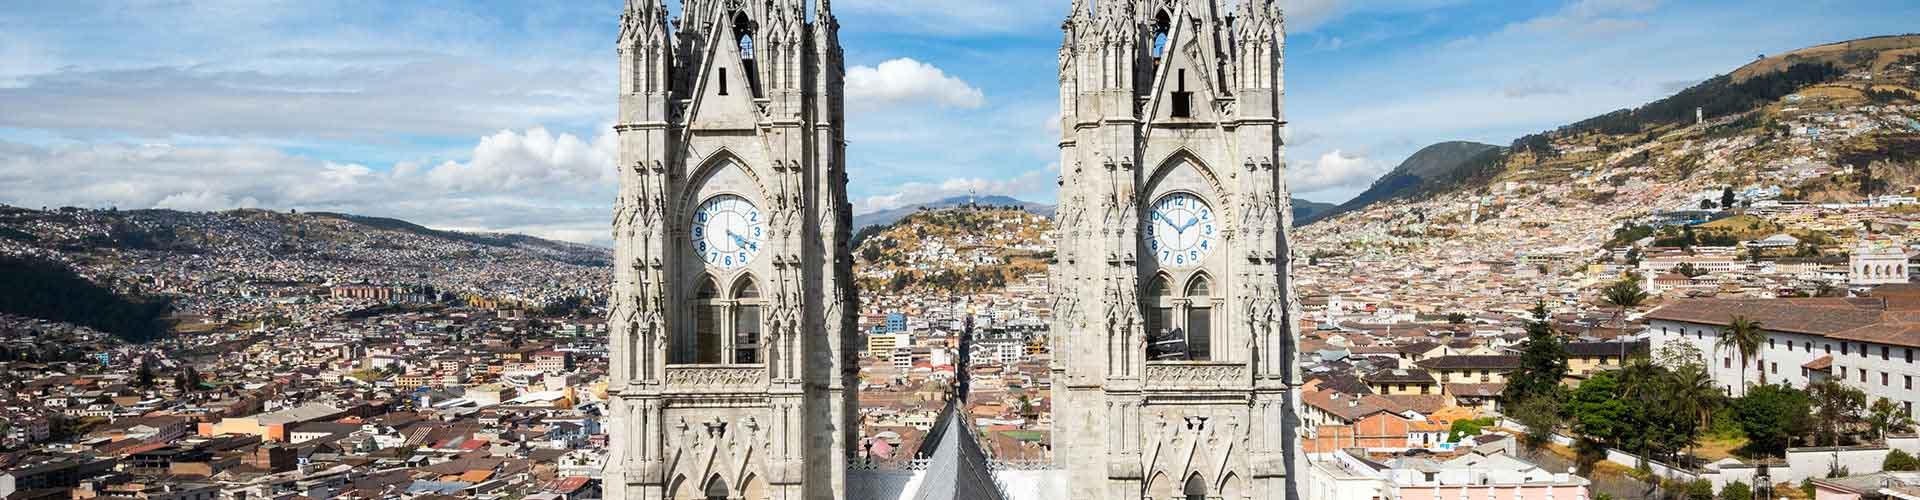 Quito - Ifjúsági Szállások Quitoben. Quito térképek, fotók és ajánlások minden egyes ifjúsági szállásokra Quito-ben.